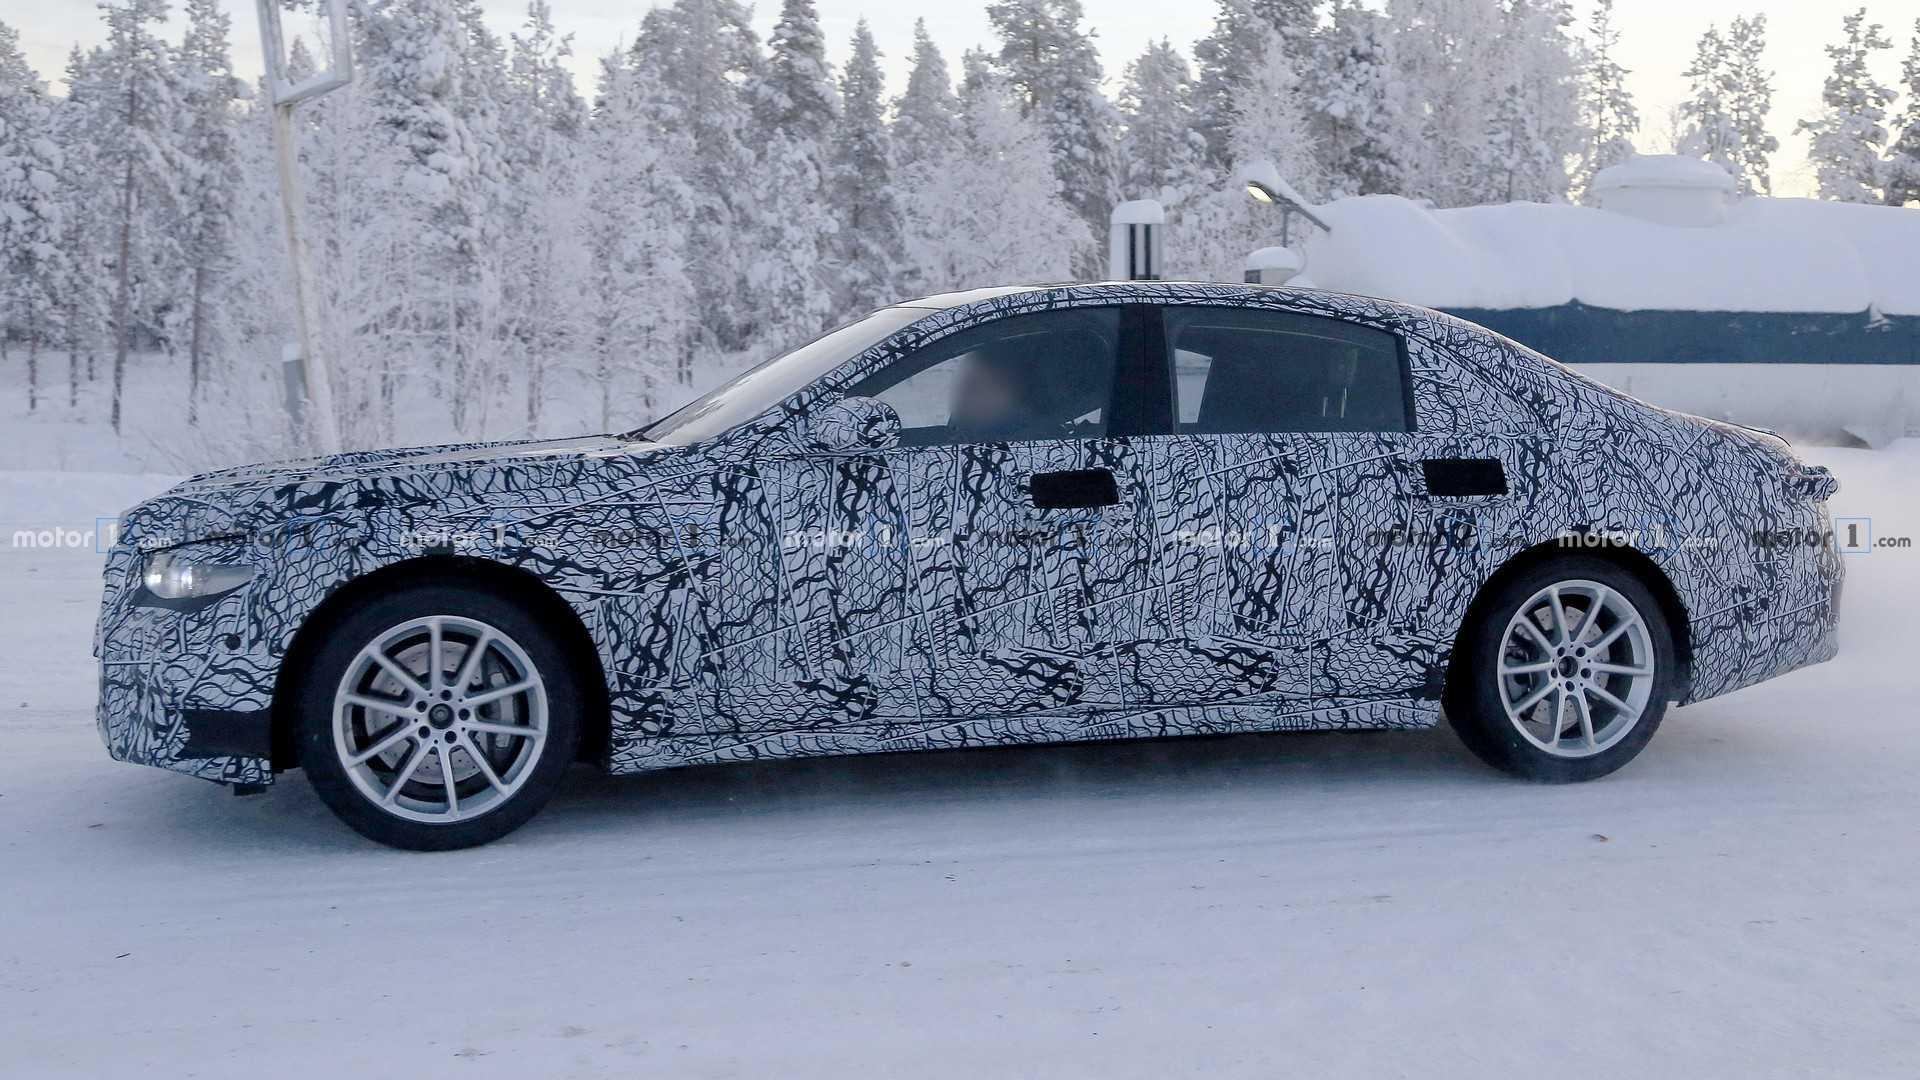 Protótipos da Classe S 2020 são flagrados em testes de inverno 2020-mercedes-s-class-spy-photo